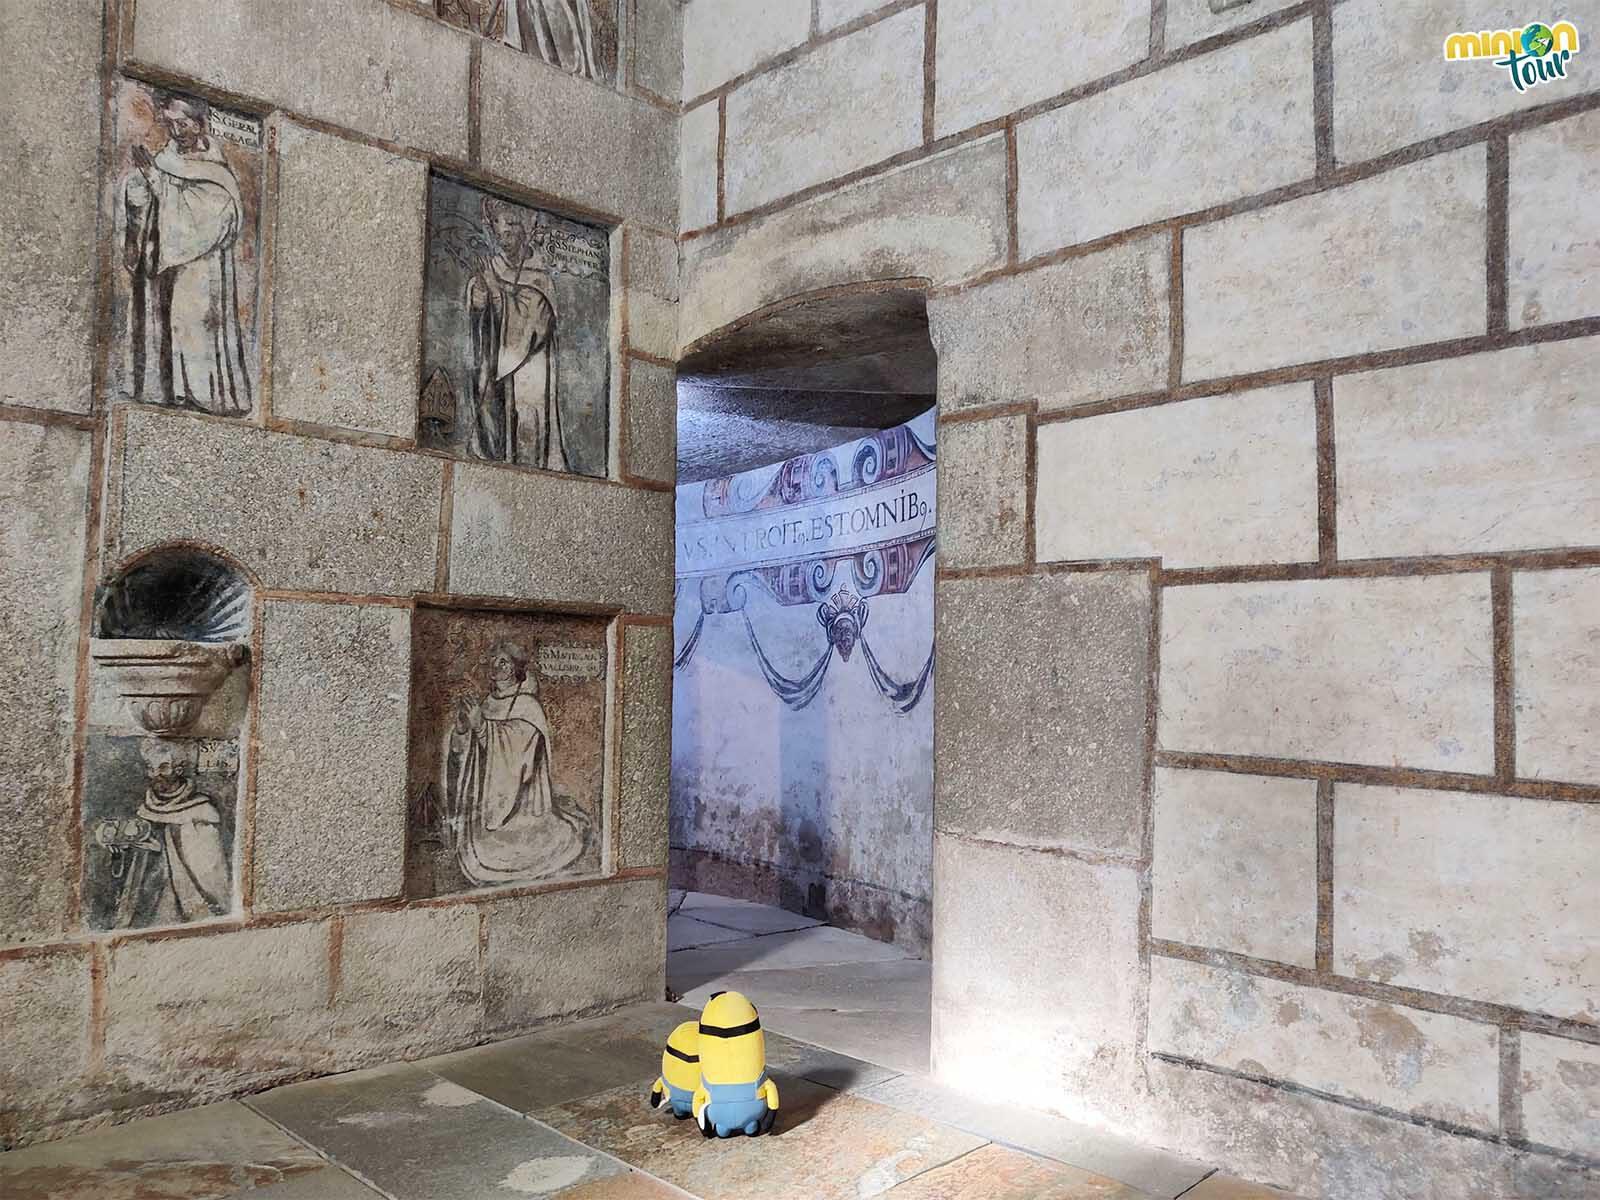 Minions saludando a los fundadores de la Orden del Císter